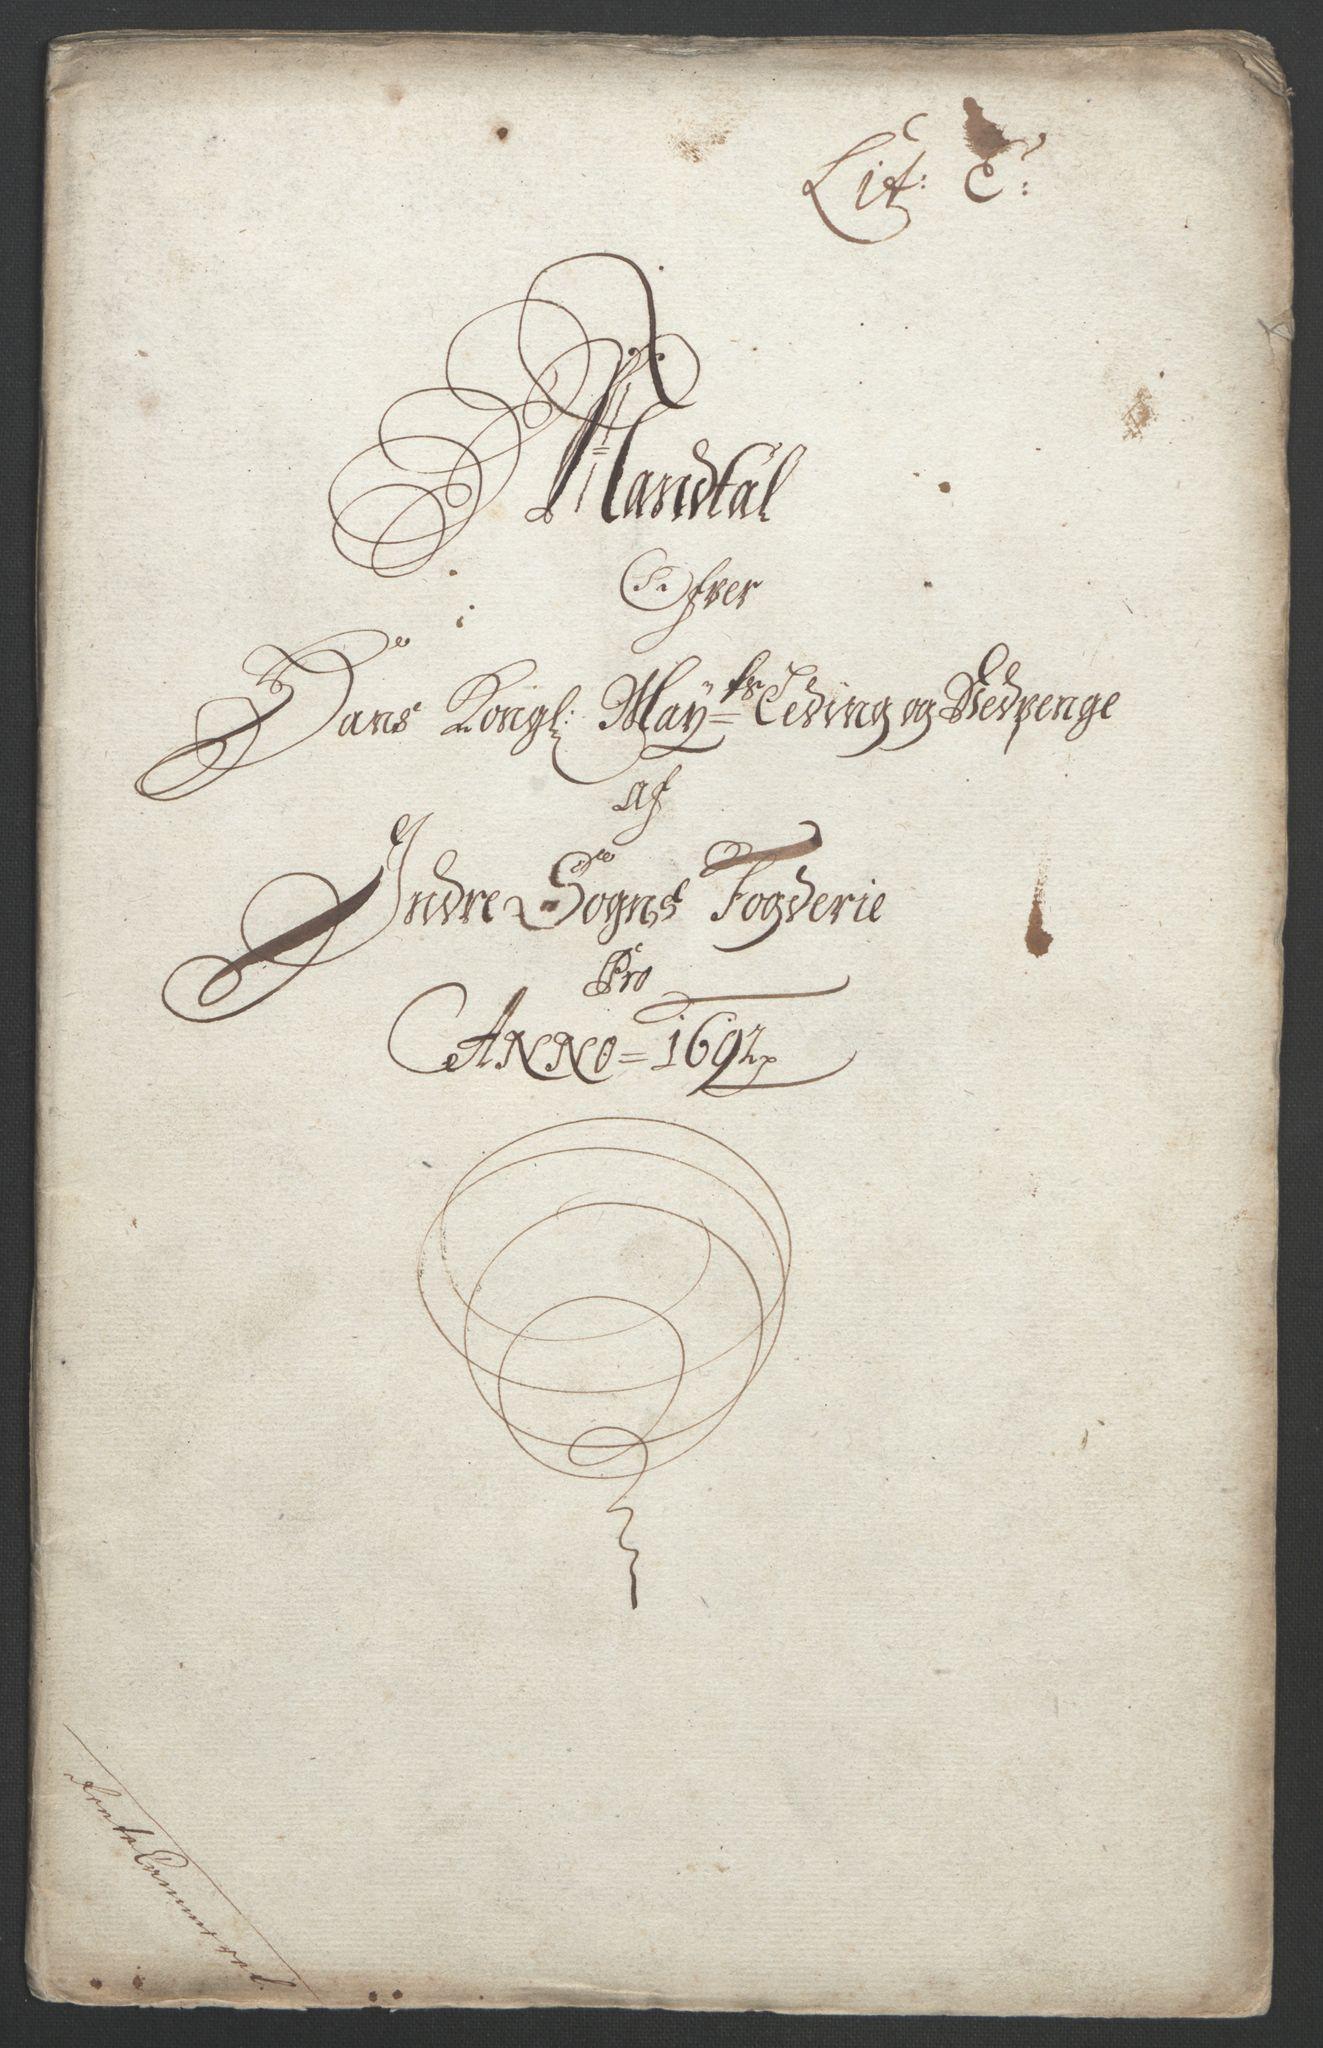 RA, Rentekammeret inntil 1814, Reviderte regnskaper, Fogderegnskap, R52/L3306: Fogderegnskap Sogn, 1691-1692, s. 197